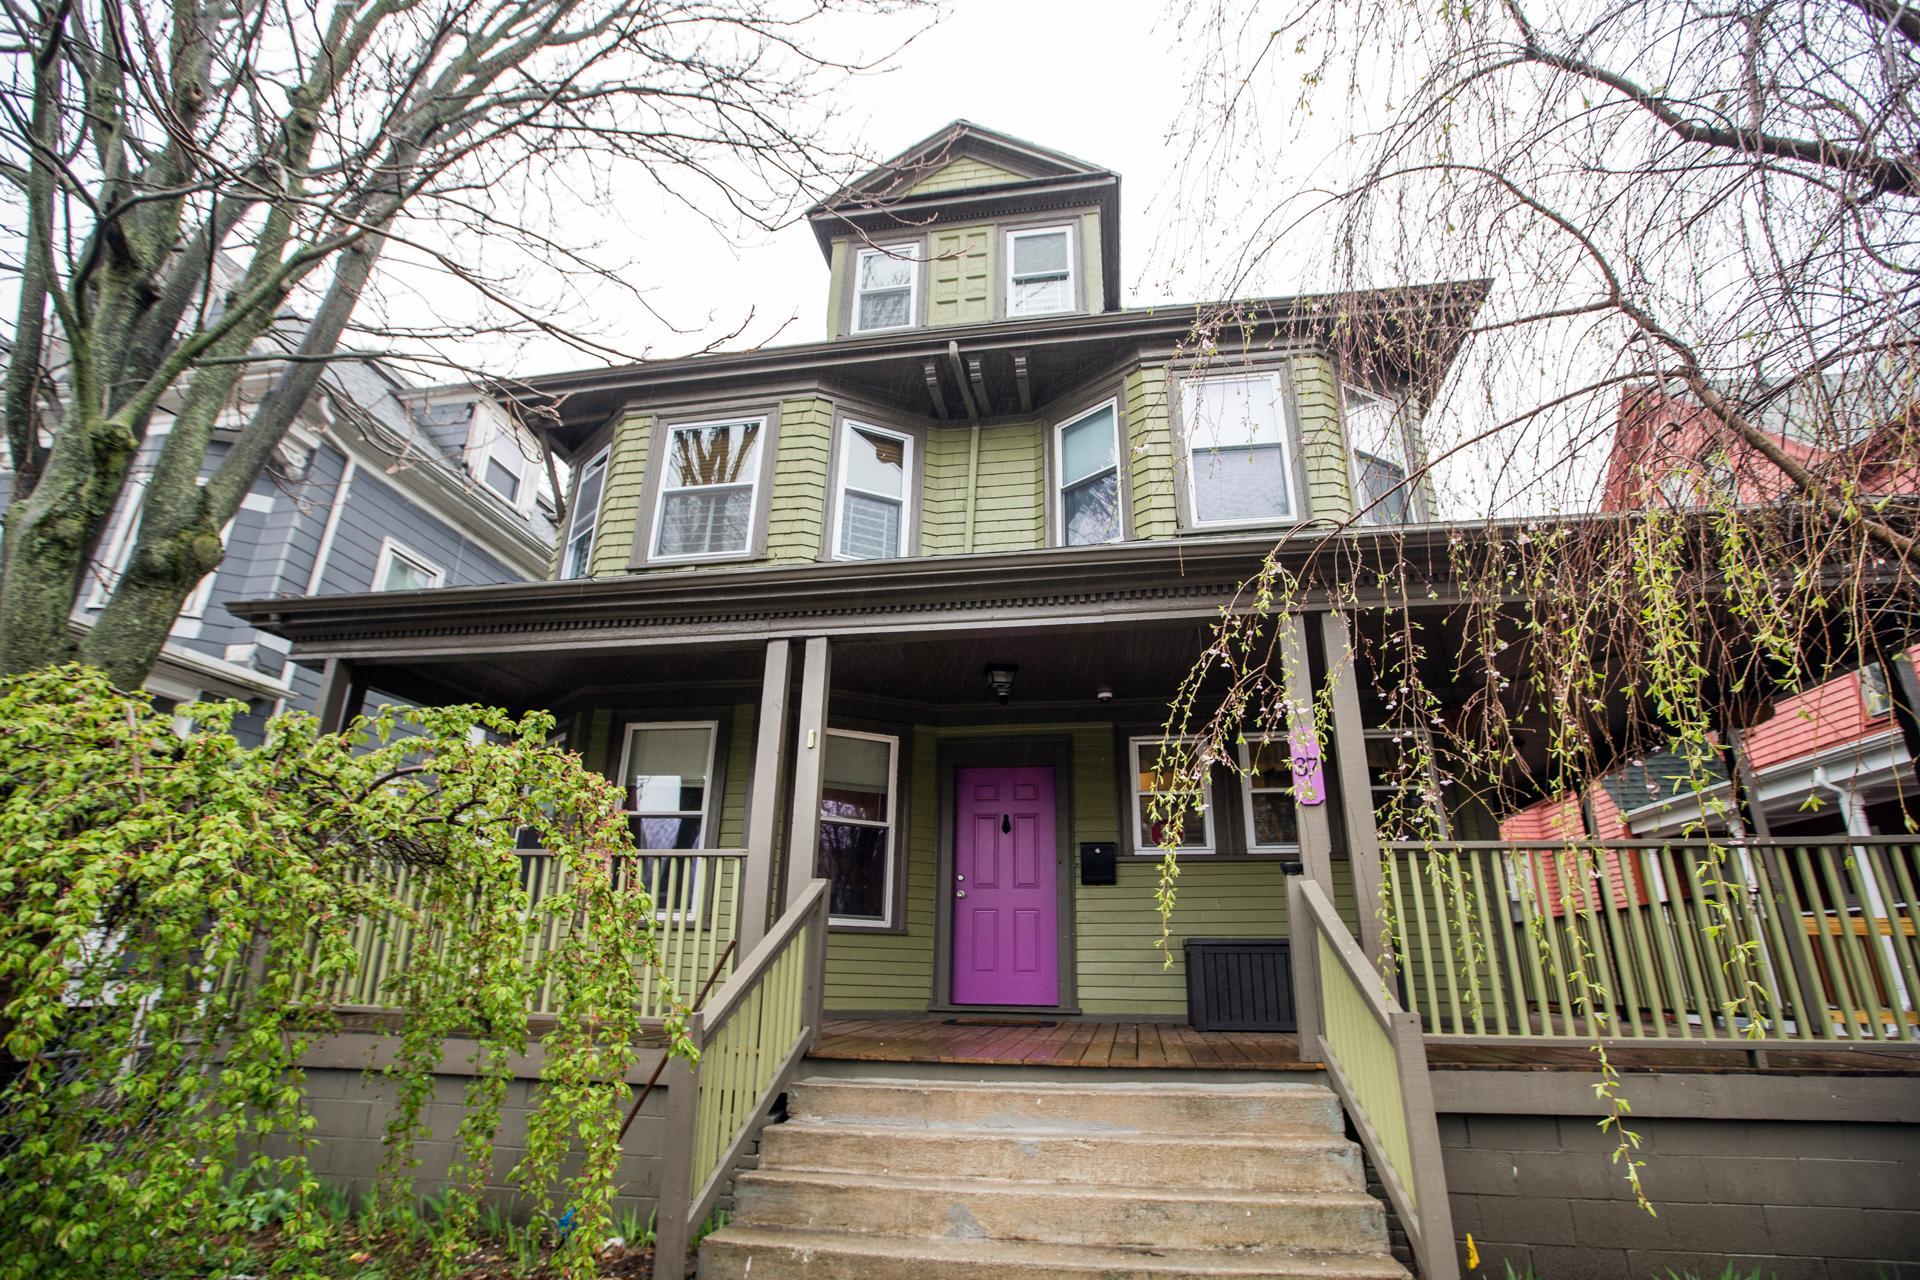 افتتاح خانه زنان مسلمان بی سرپرست در «بوستون» آمریکا